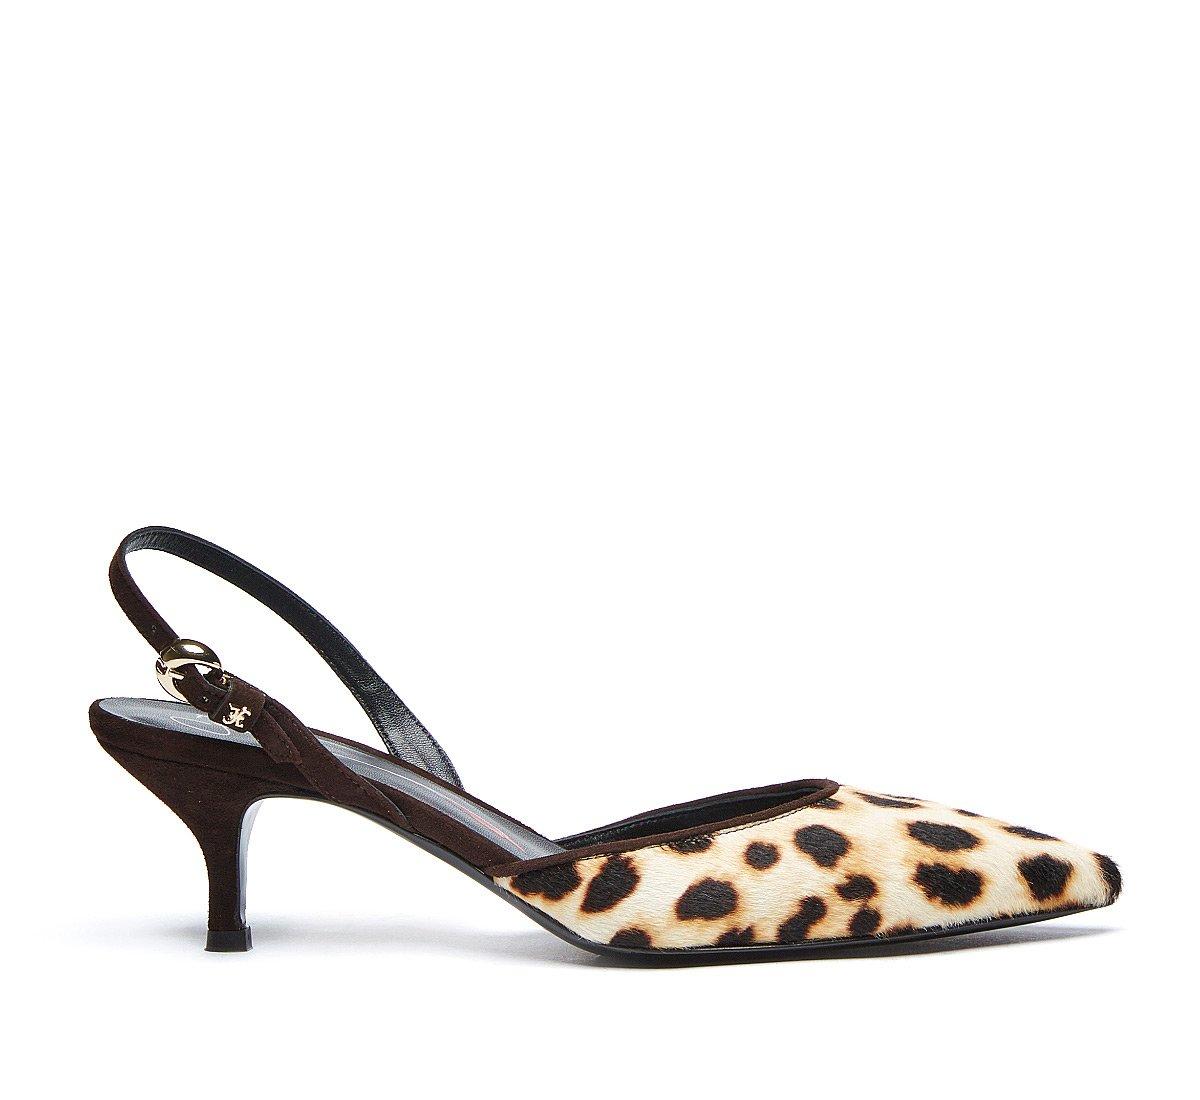 Женские туфли Fabi в анималистическом стиле